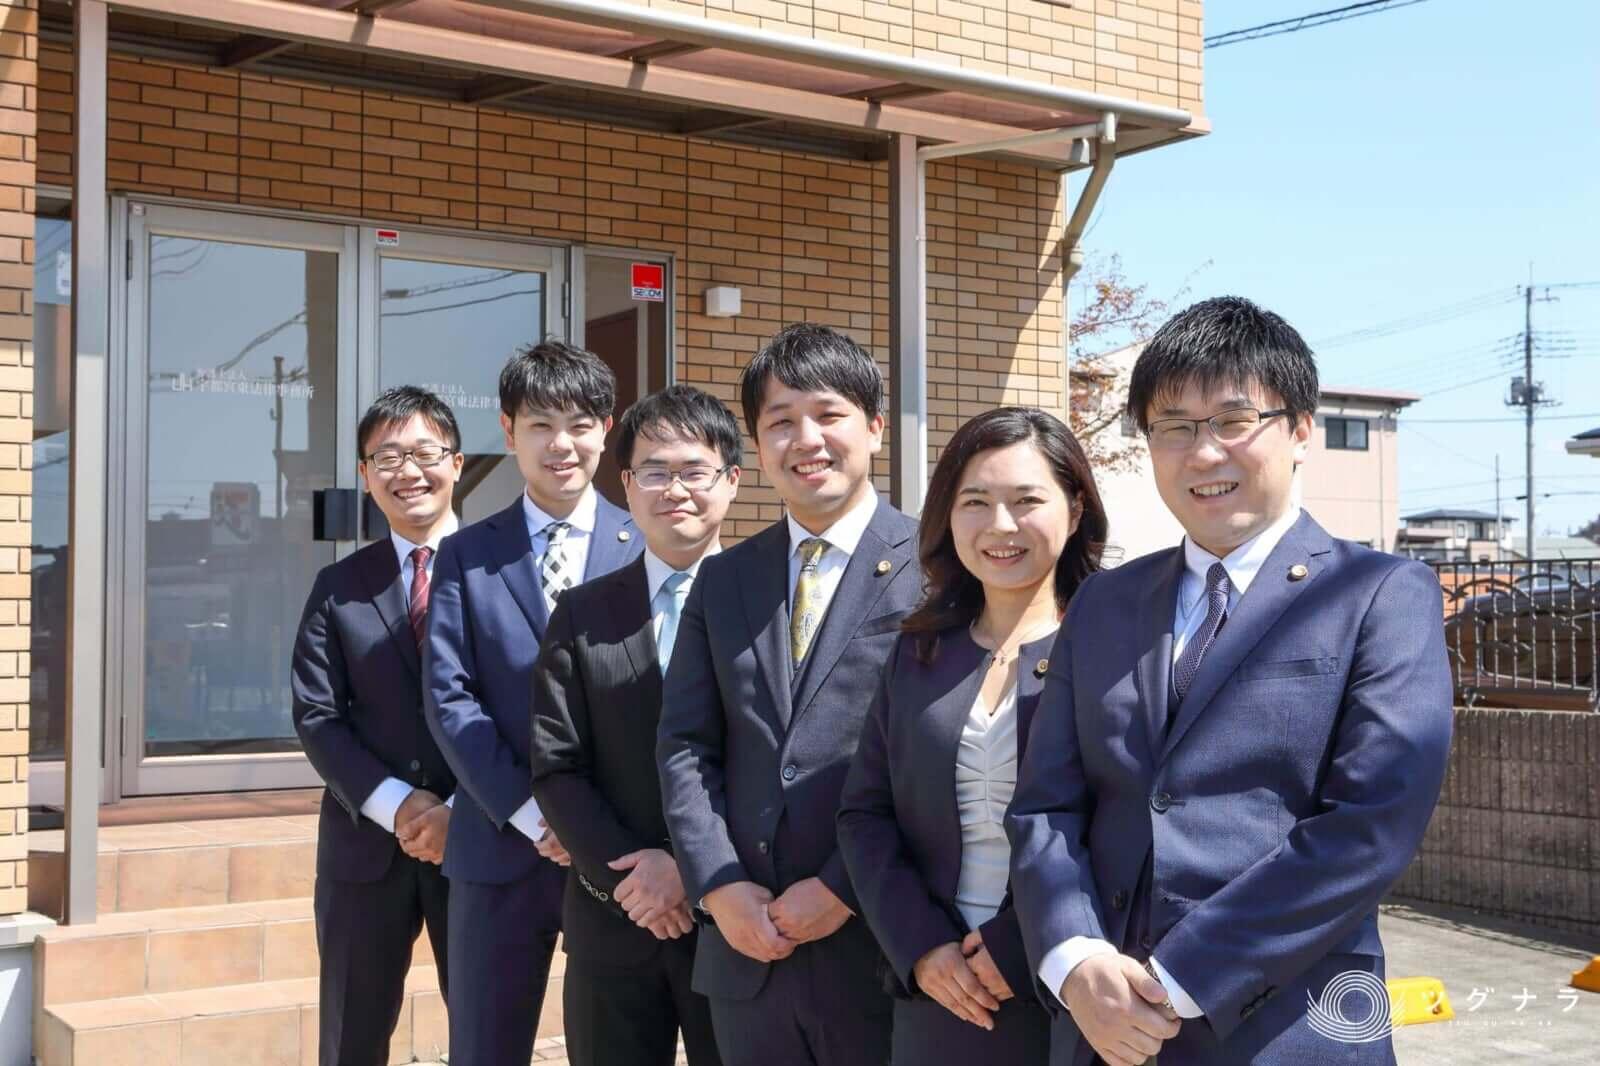 弁護士法人宇都宮東法律事務所_サービスの特徴_画像